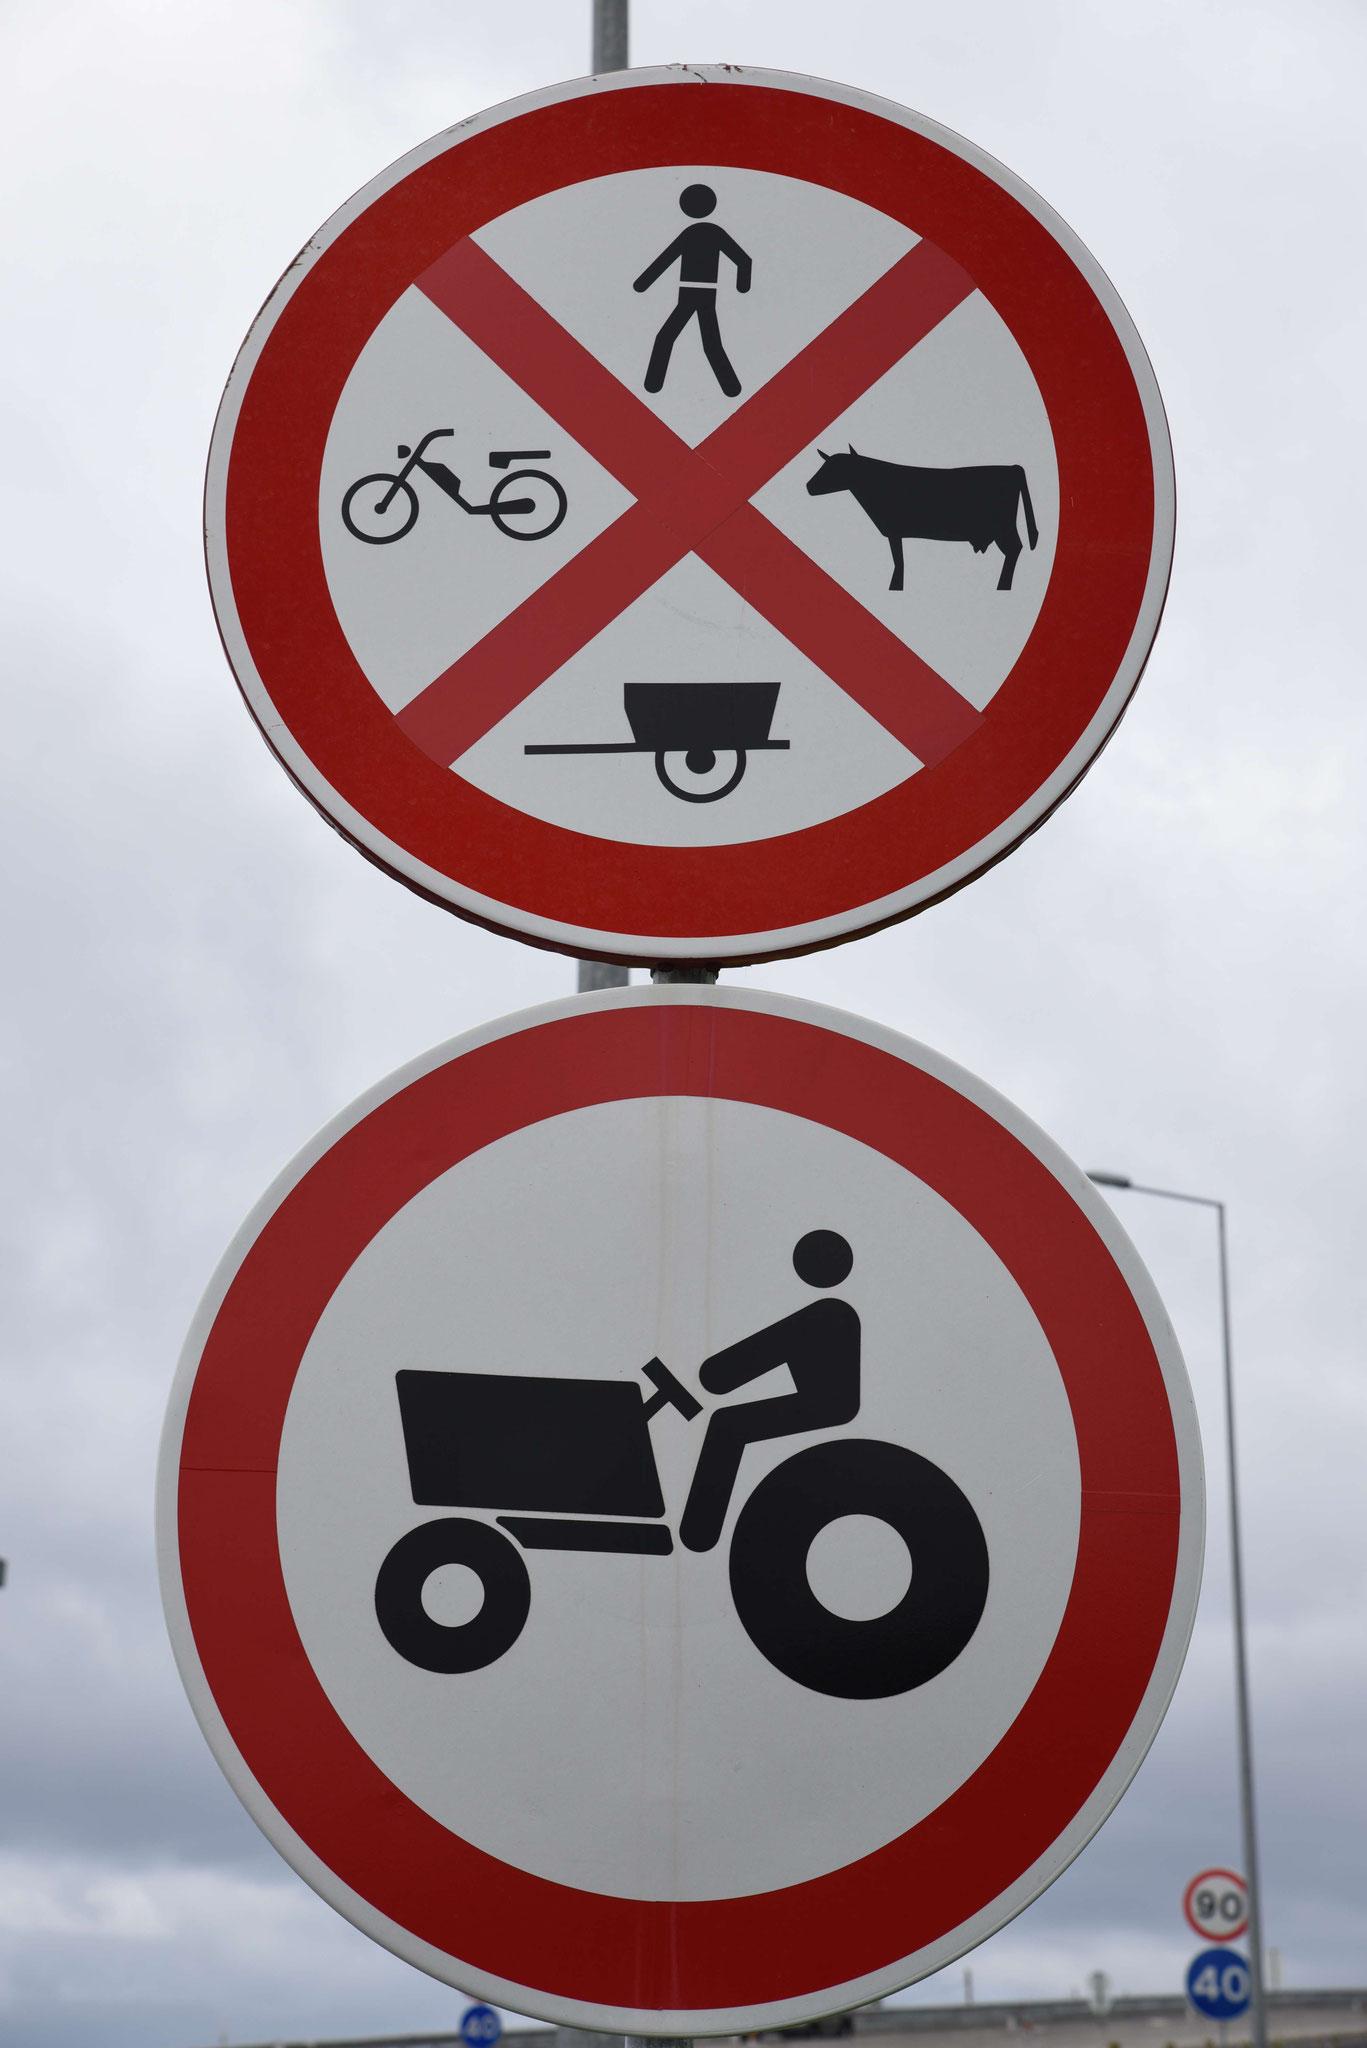 Hinweisschild vor einer autobahnähnlichen Straße